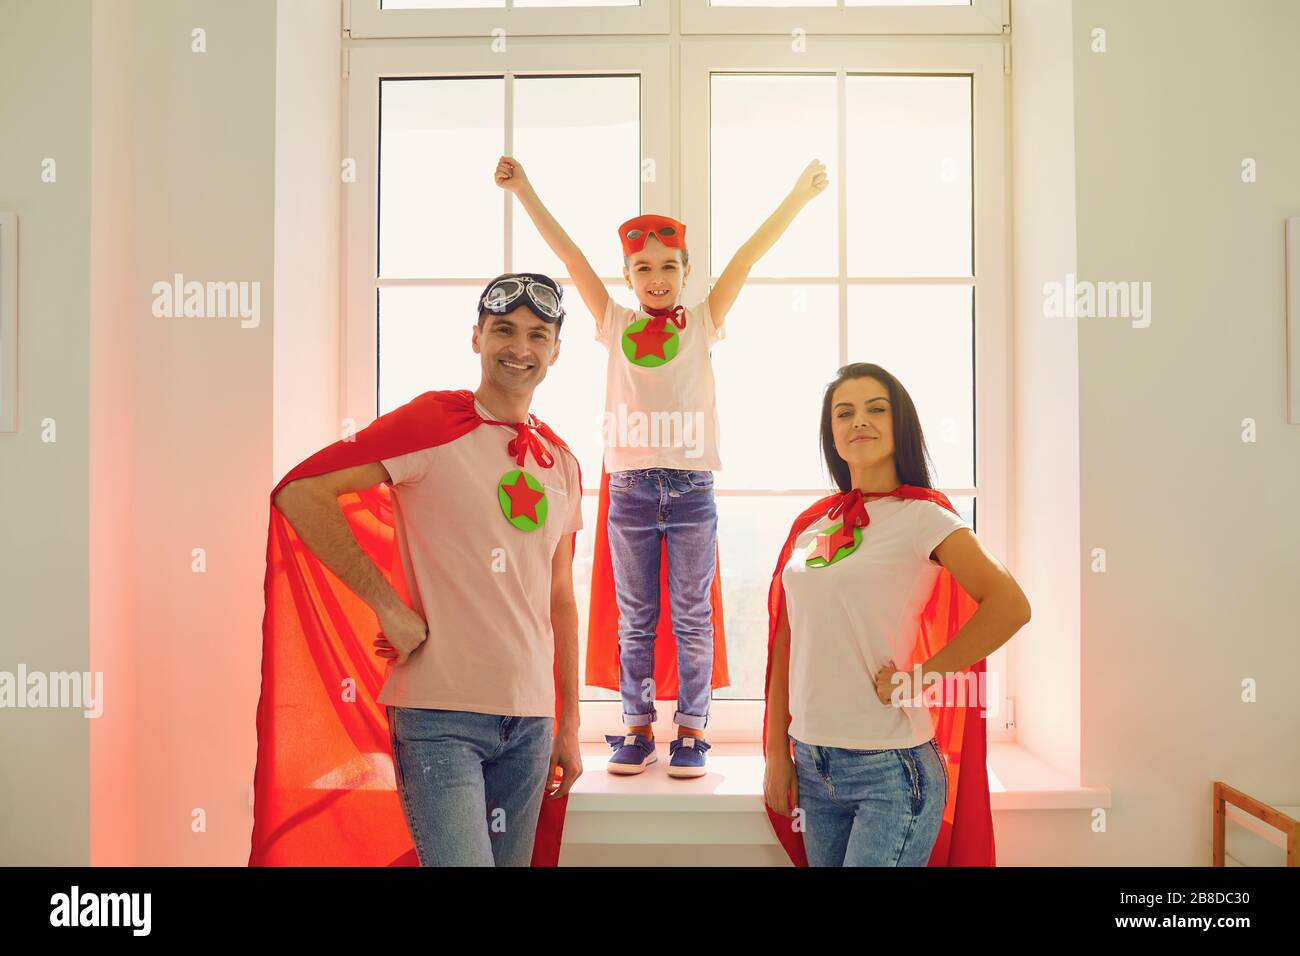 Une famille joyeuse en costume de super héros riant tout en se tenant sur le fond d'une fenêtre dans une salle à l'intérieur. Banque D'Images